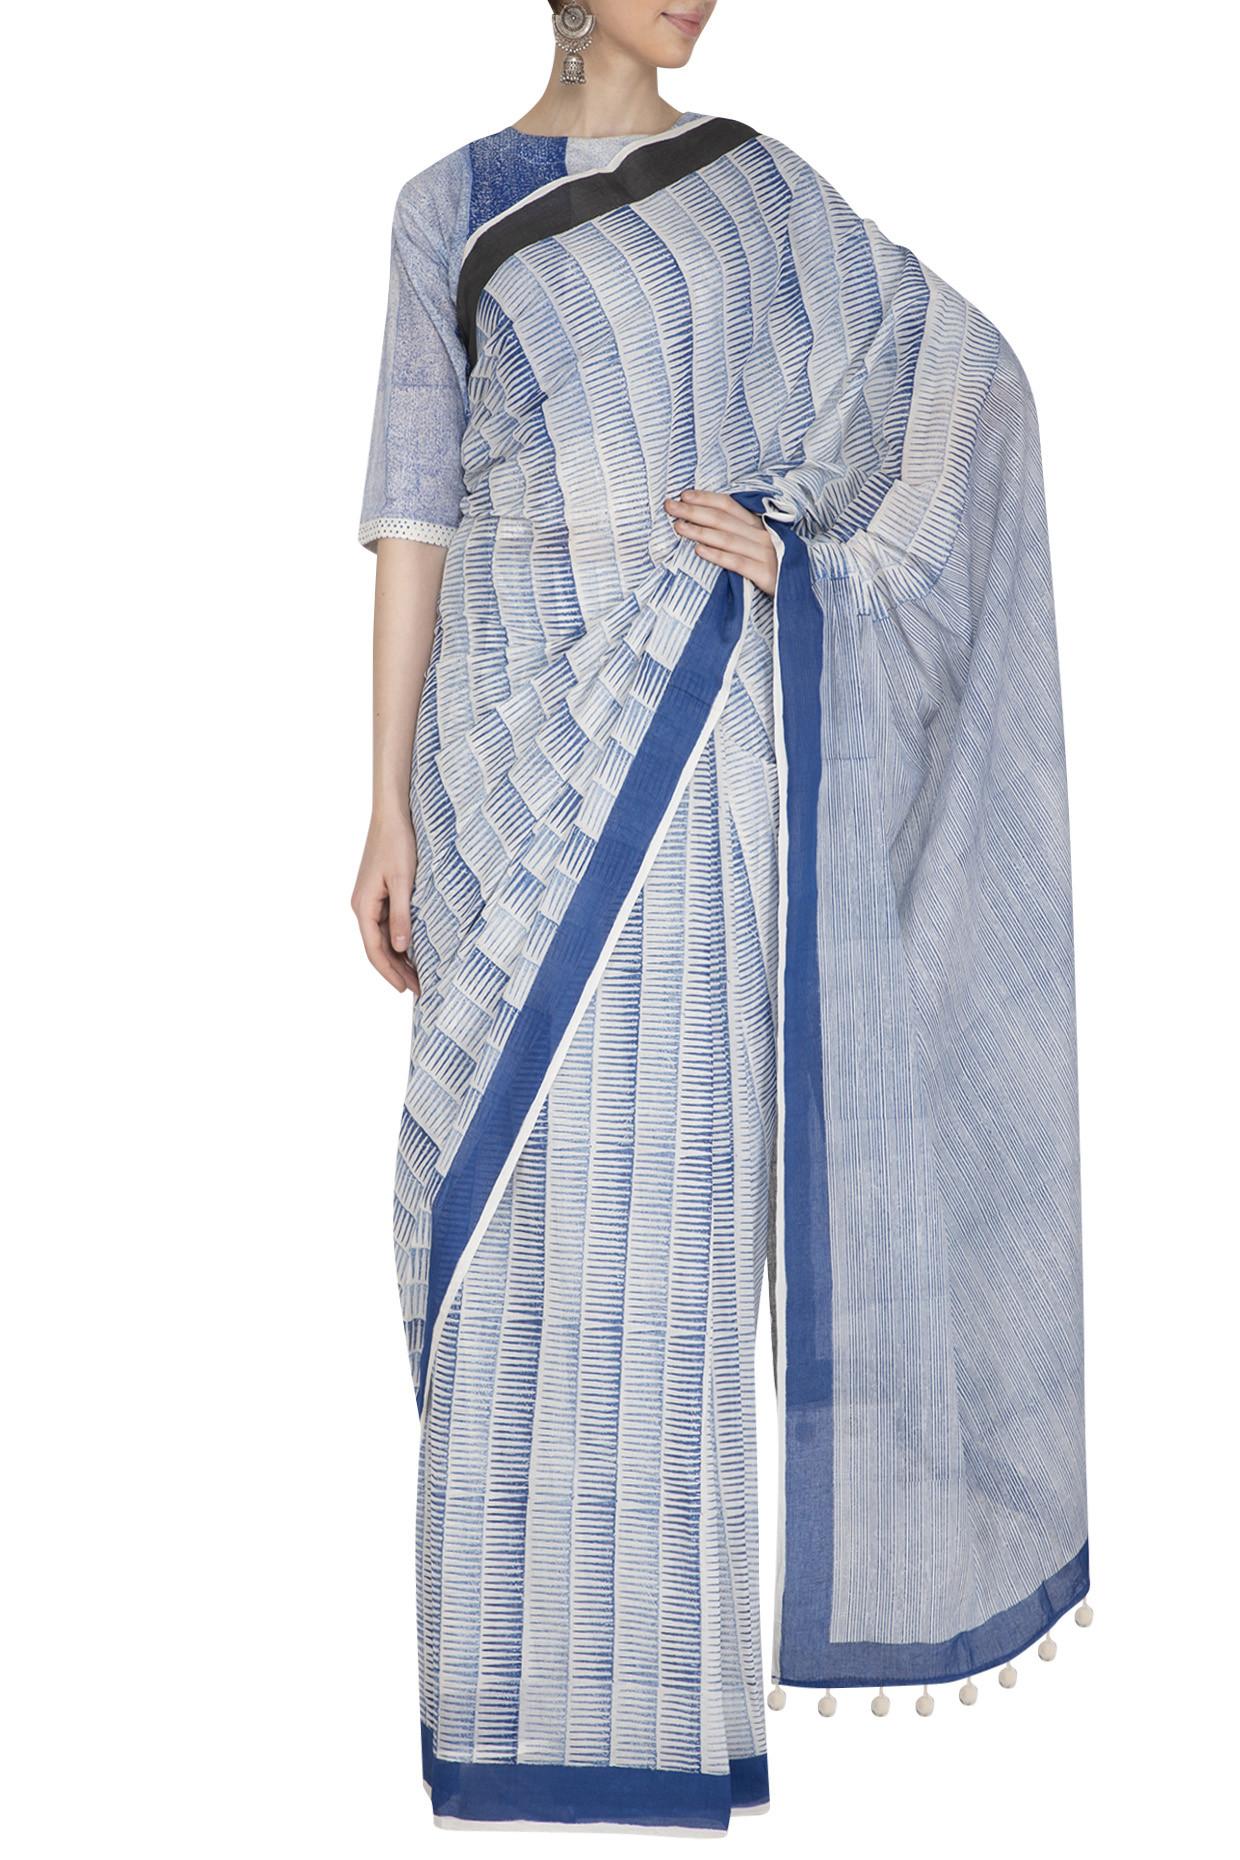 Hand Block Printed Stripe Indigo Saree In Cotton by Silk Waves